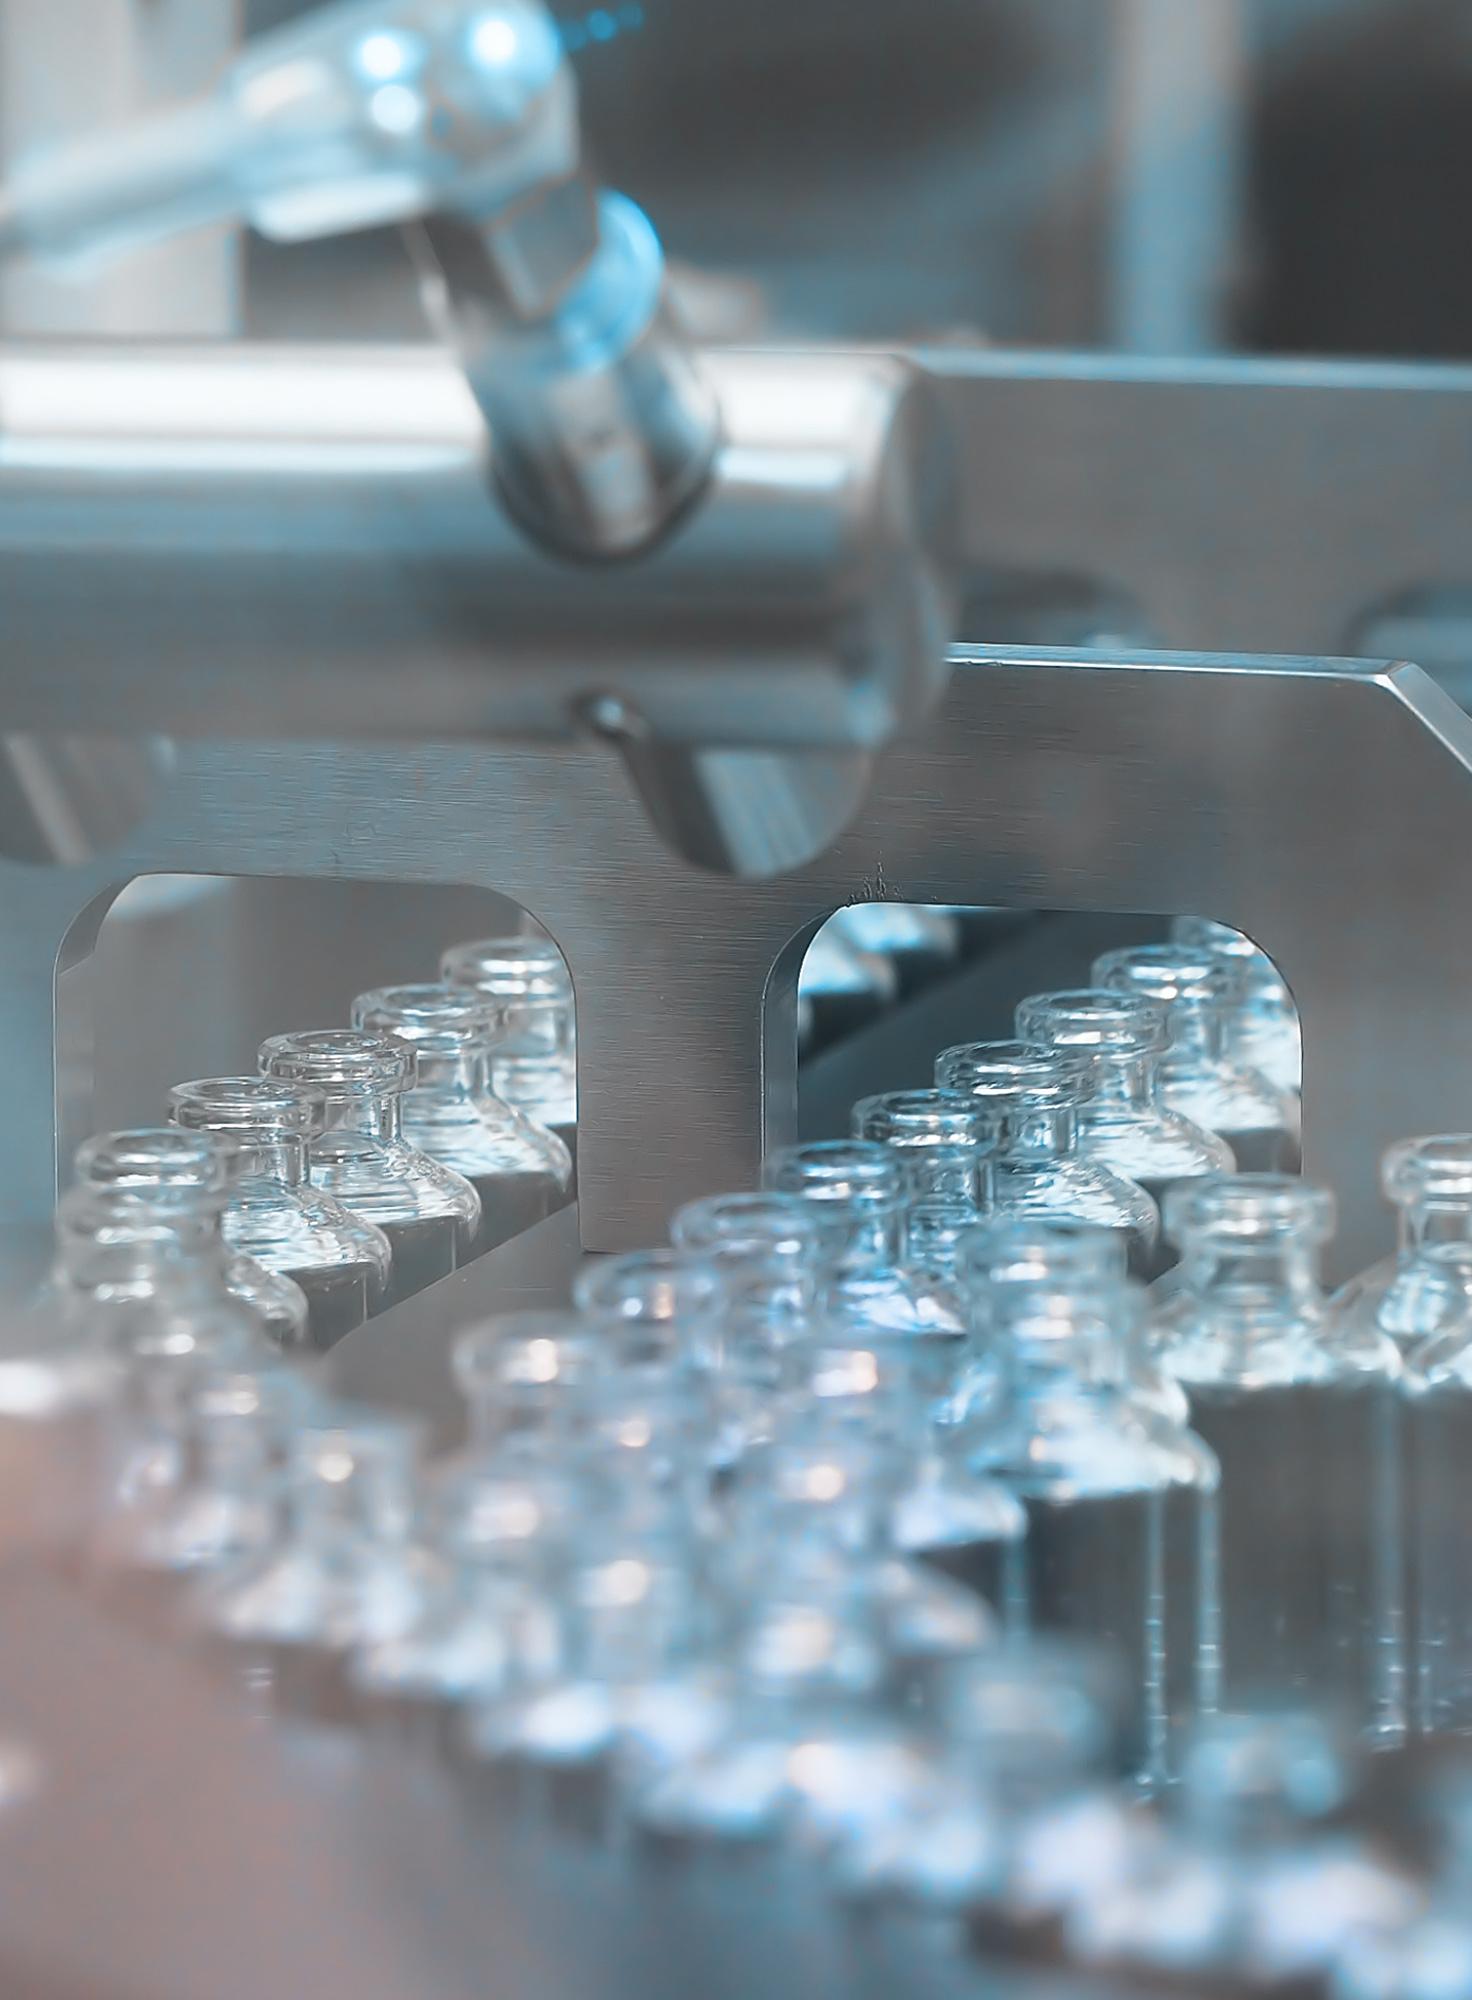 Glasfläschchen werden durch eine Anlage geschleust